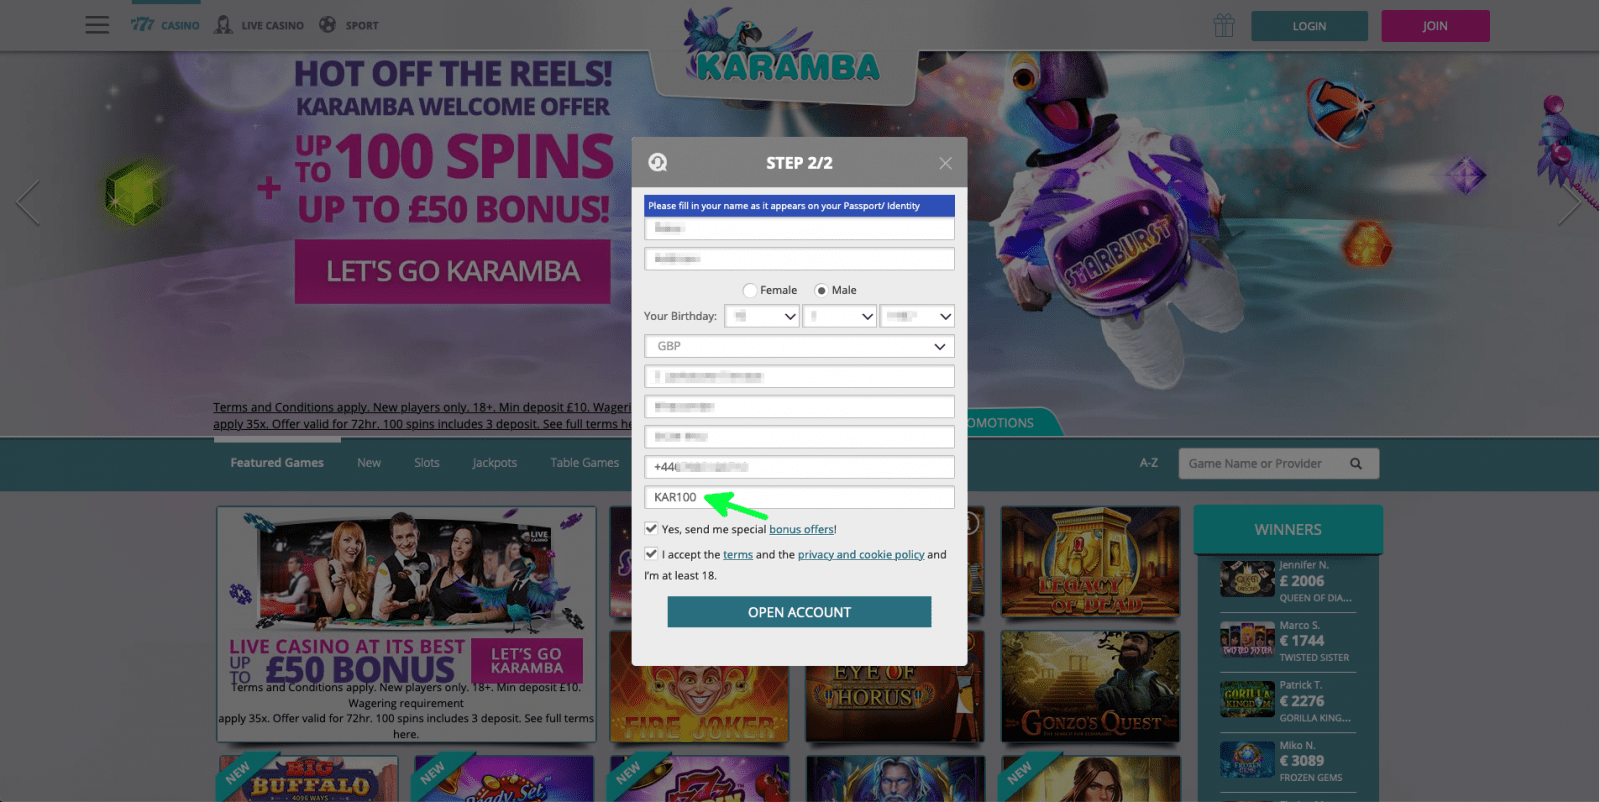 Karamba promo code 2